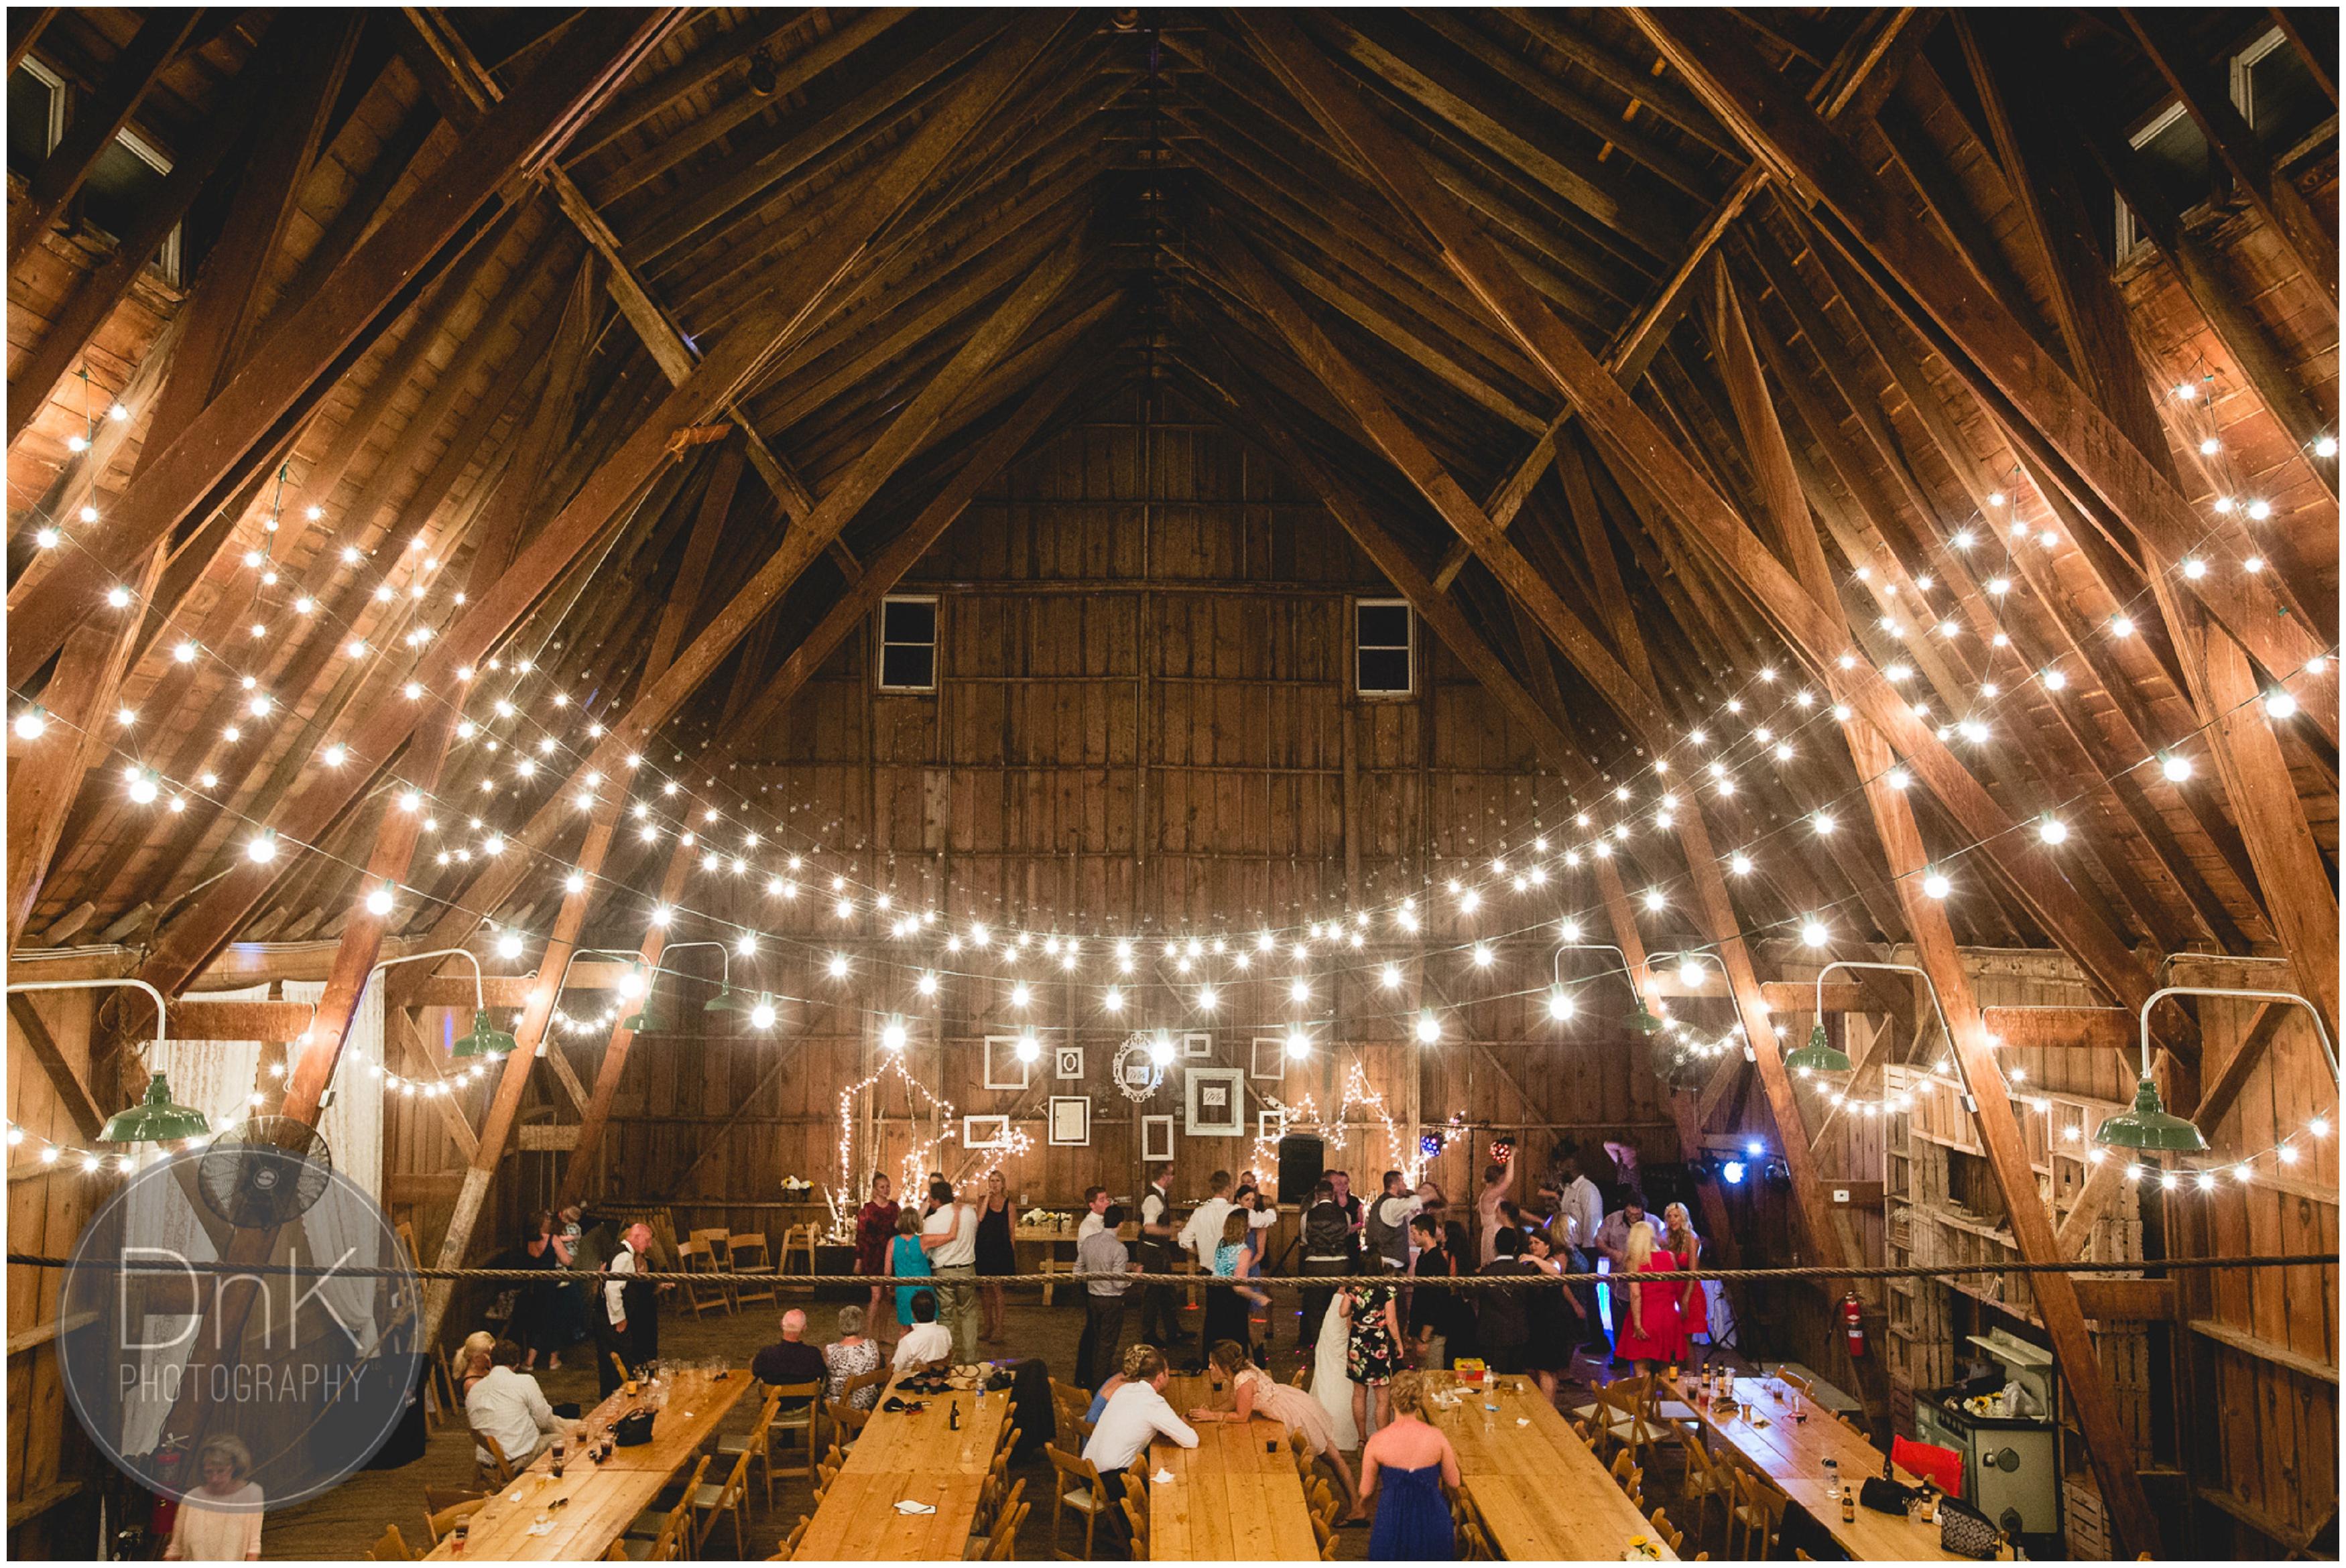 51- Dellwood Barn Wedding Dance